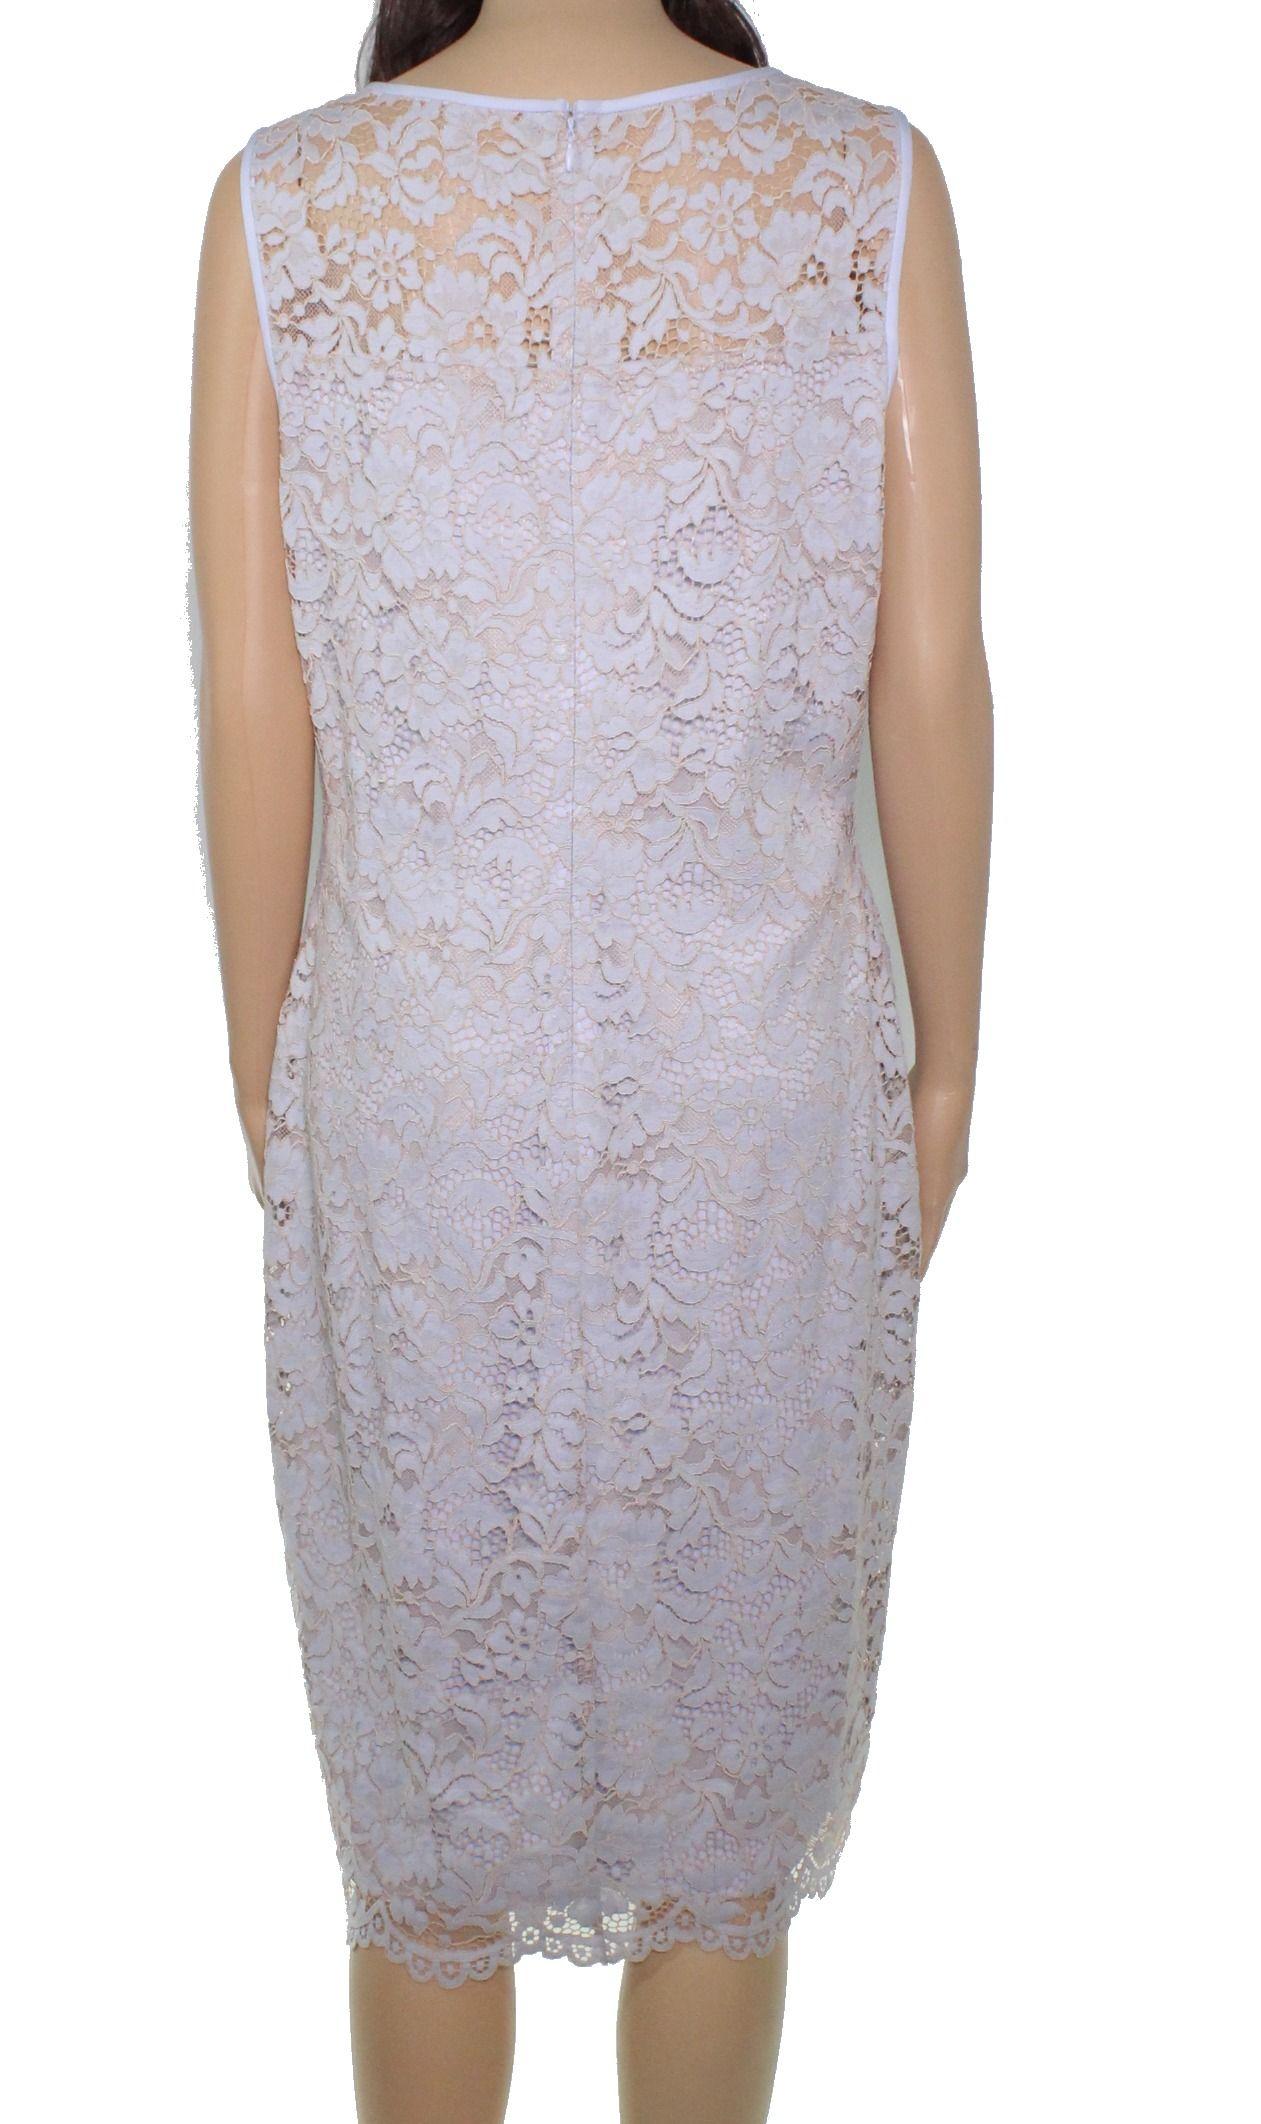 Lauren By Ralph Lauren Women's Dress Blue Size 12 Sheath Floral Lace